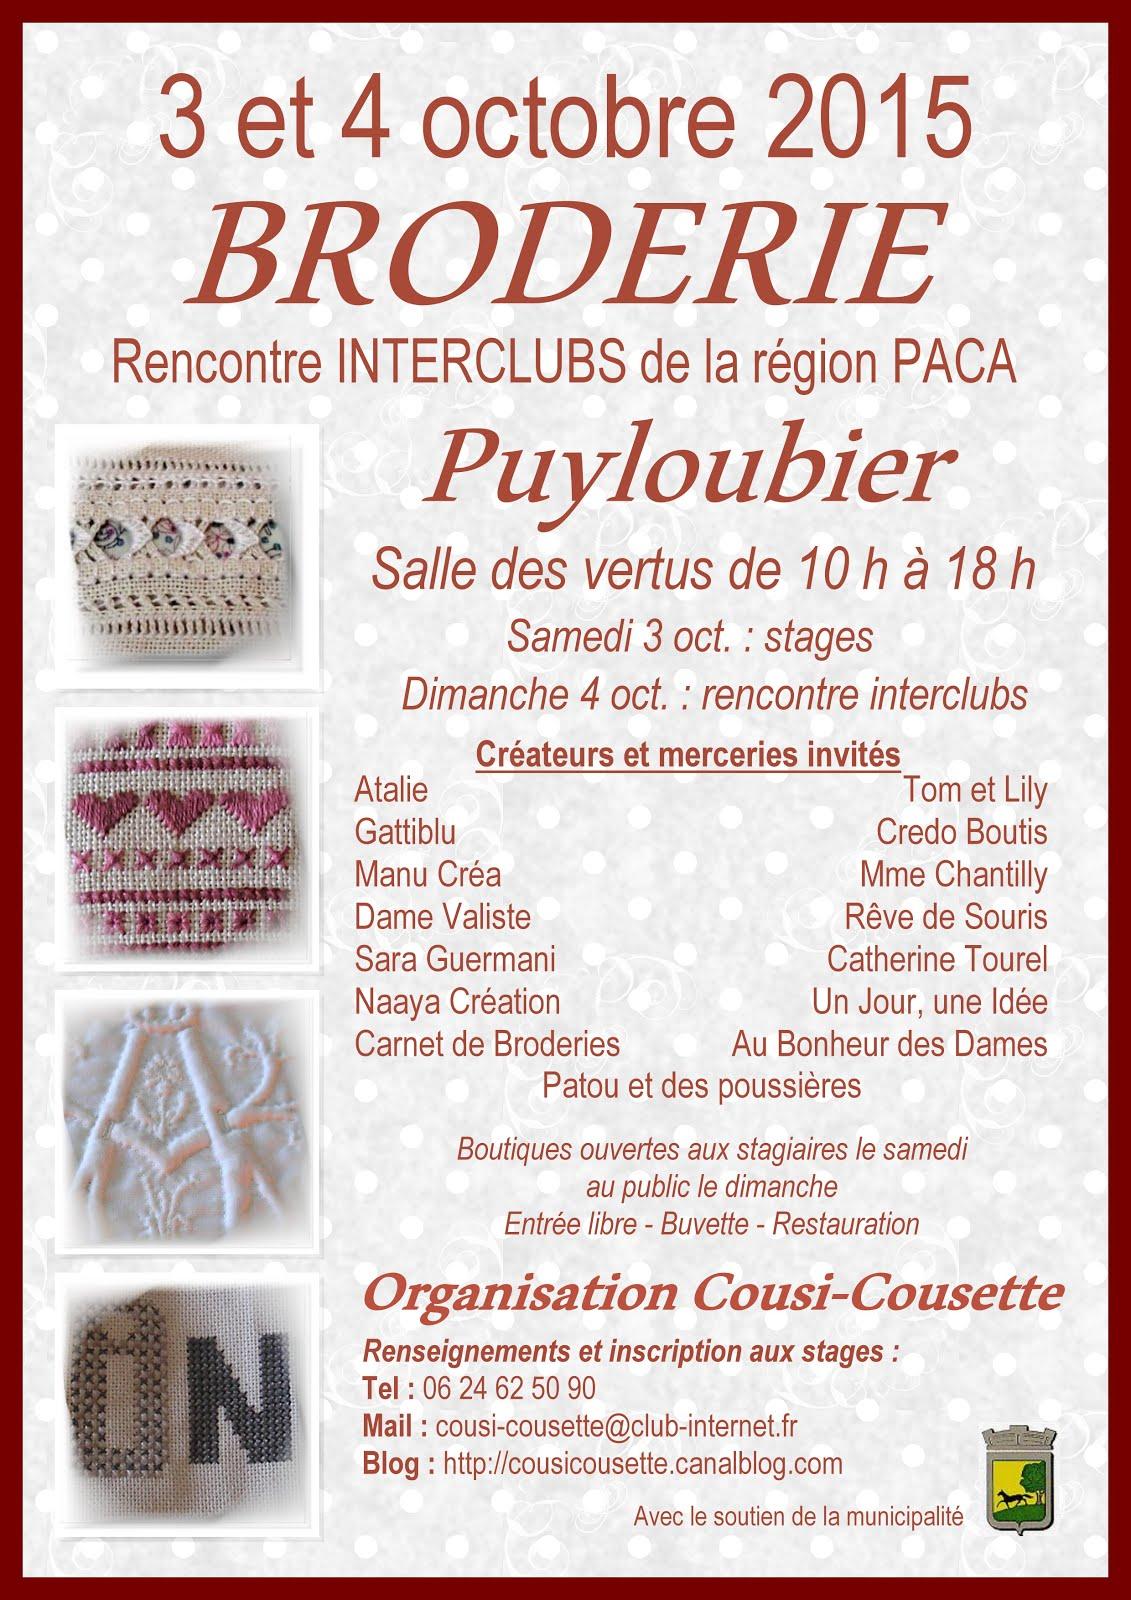 Merci à Cousi-Cousette pour l'invitation!